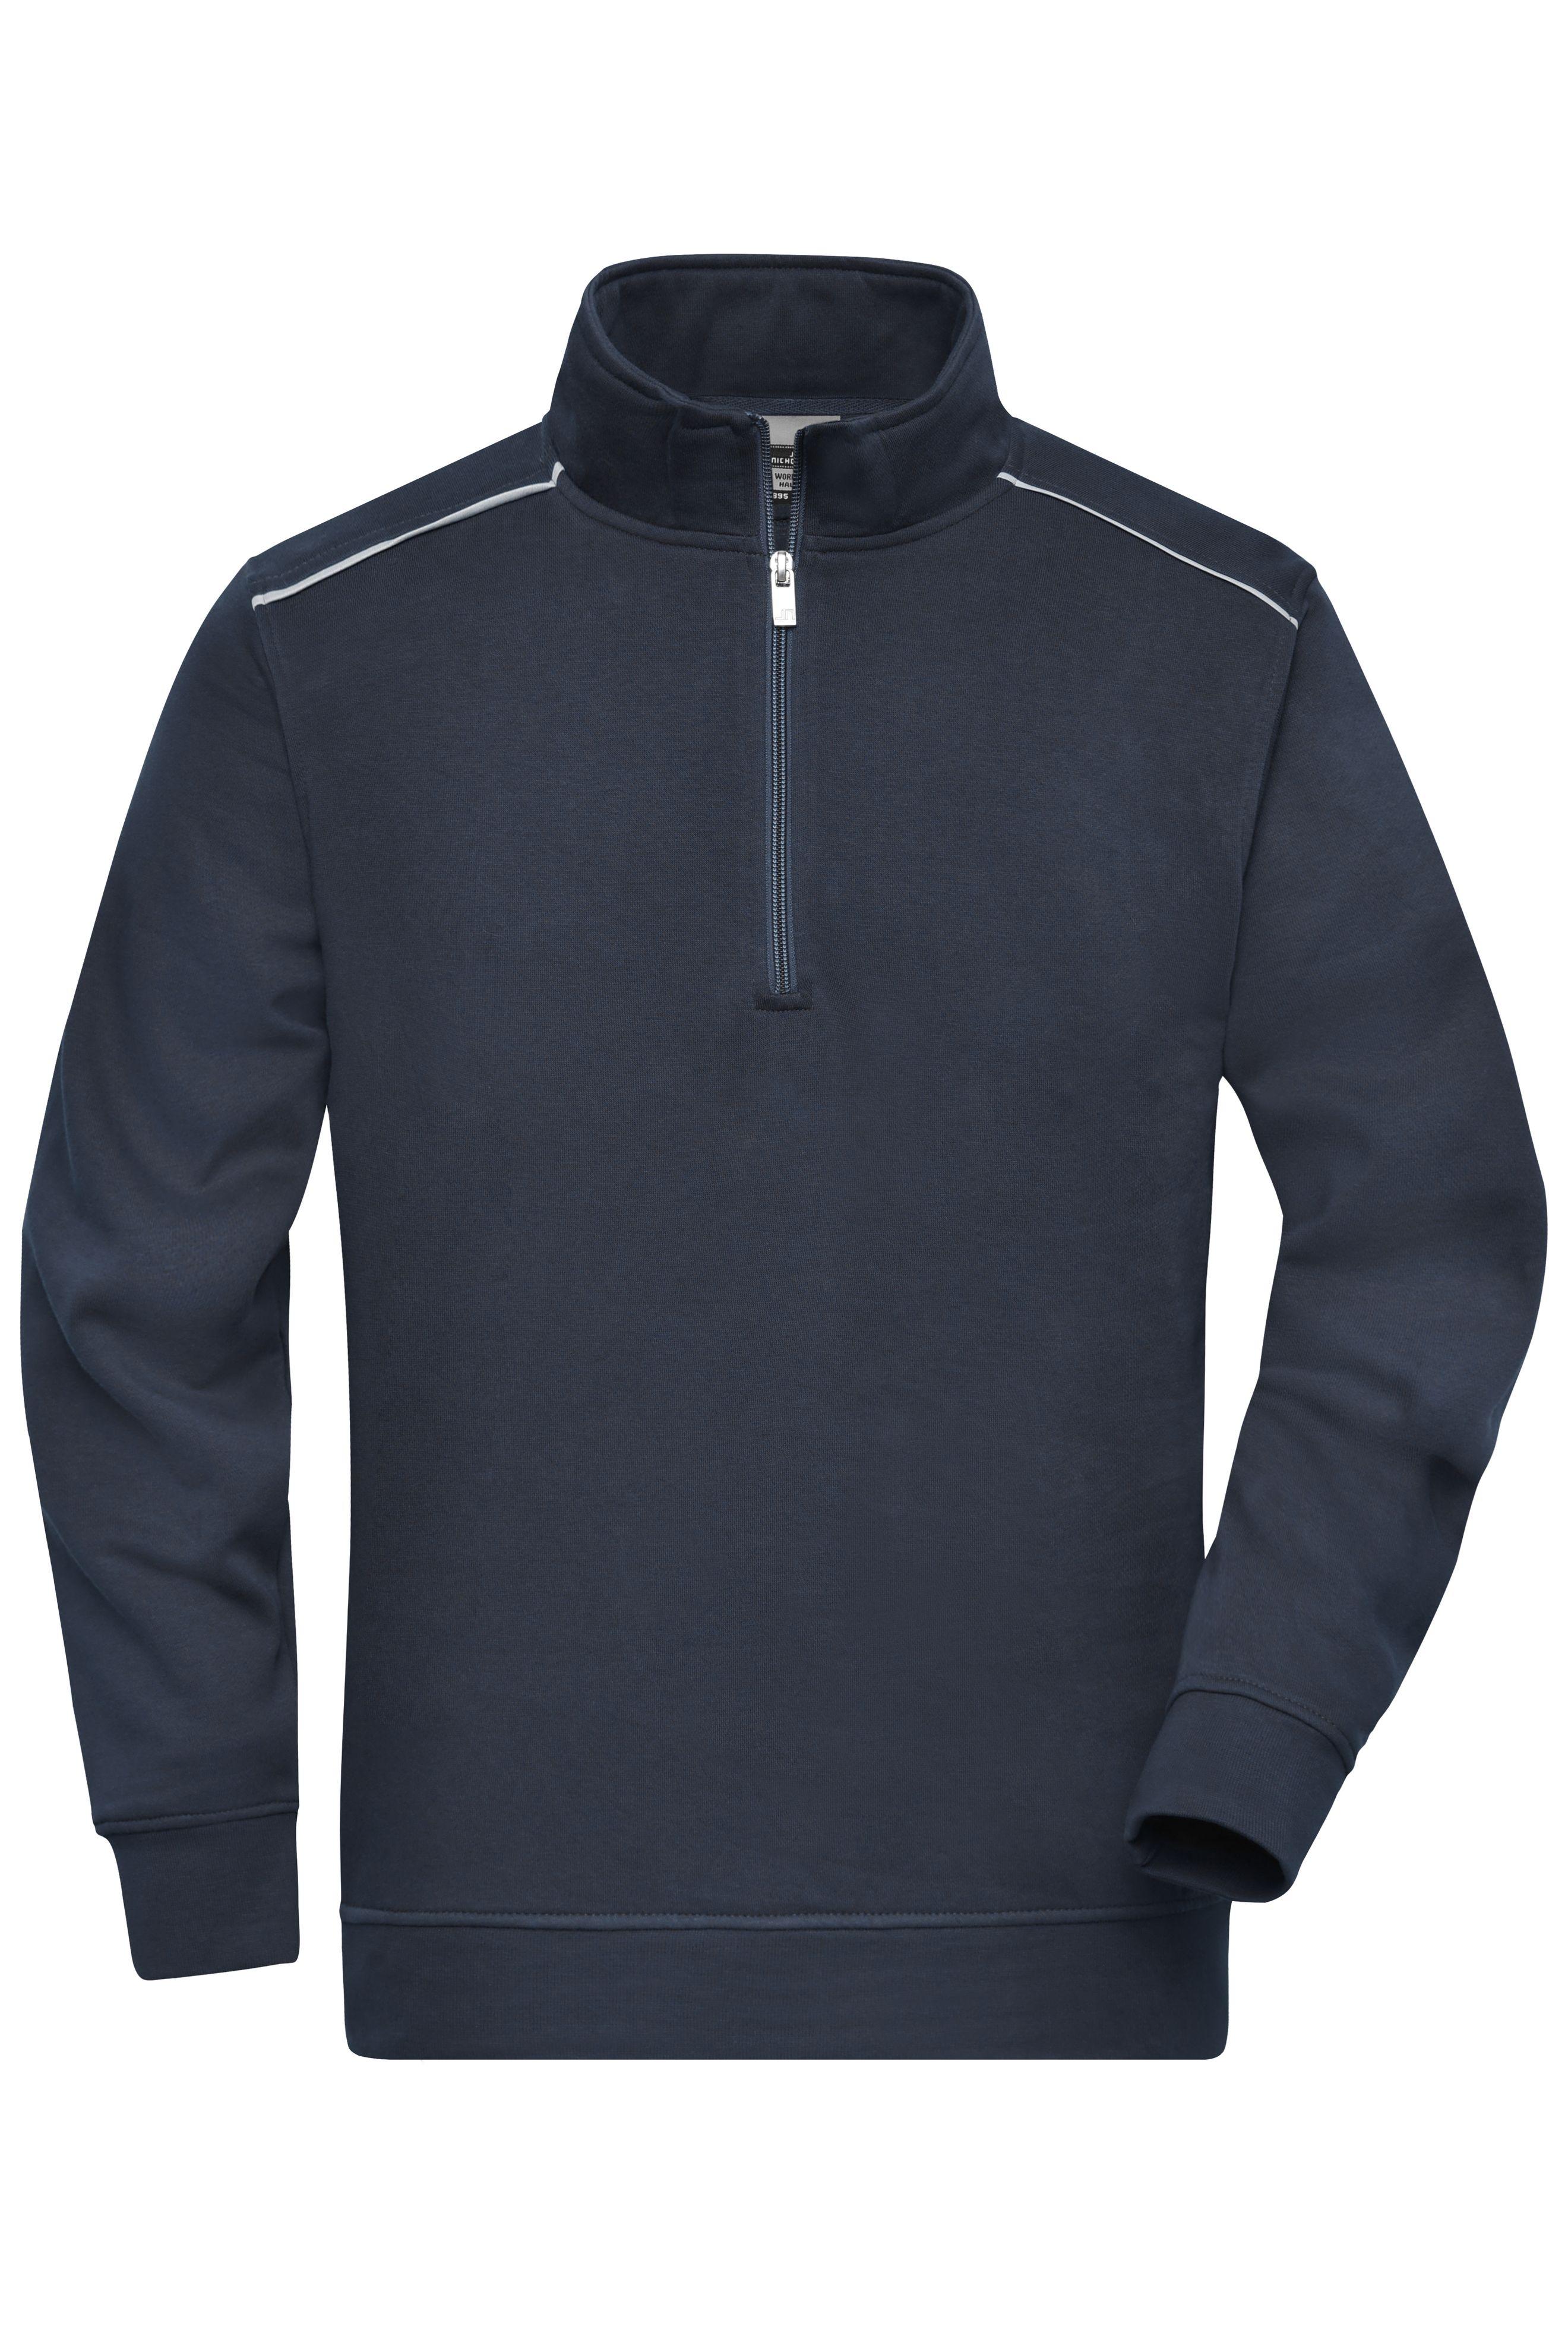 Sweatshirt mit Stehkragen, Reißverschluss und Kontrastpaspel